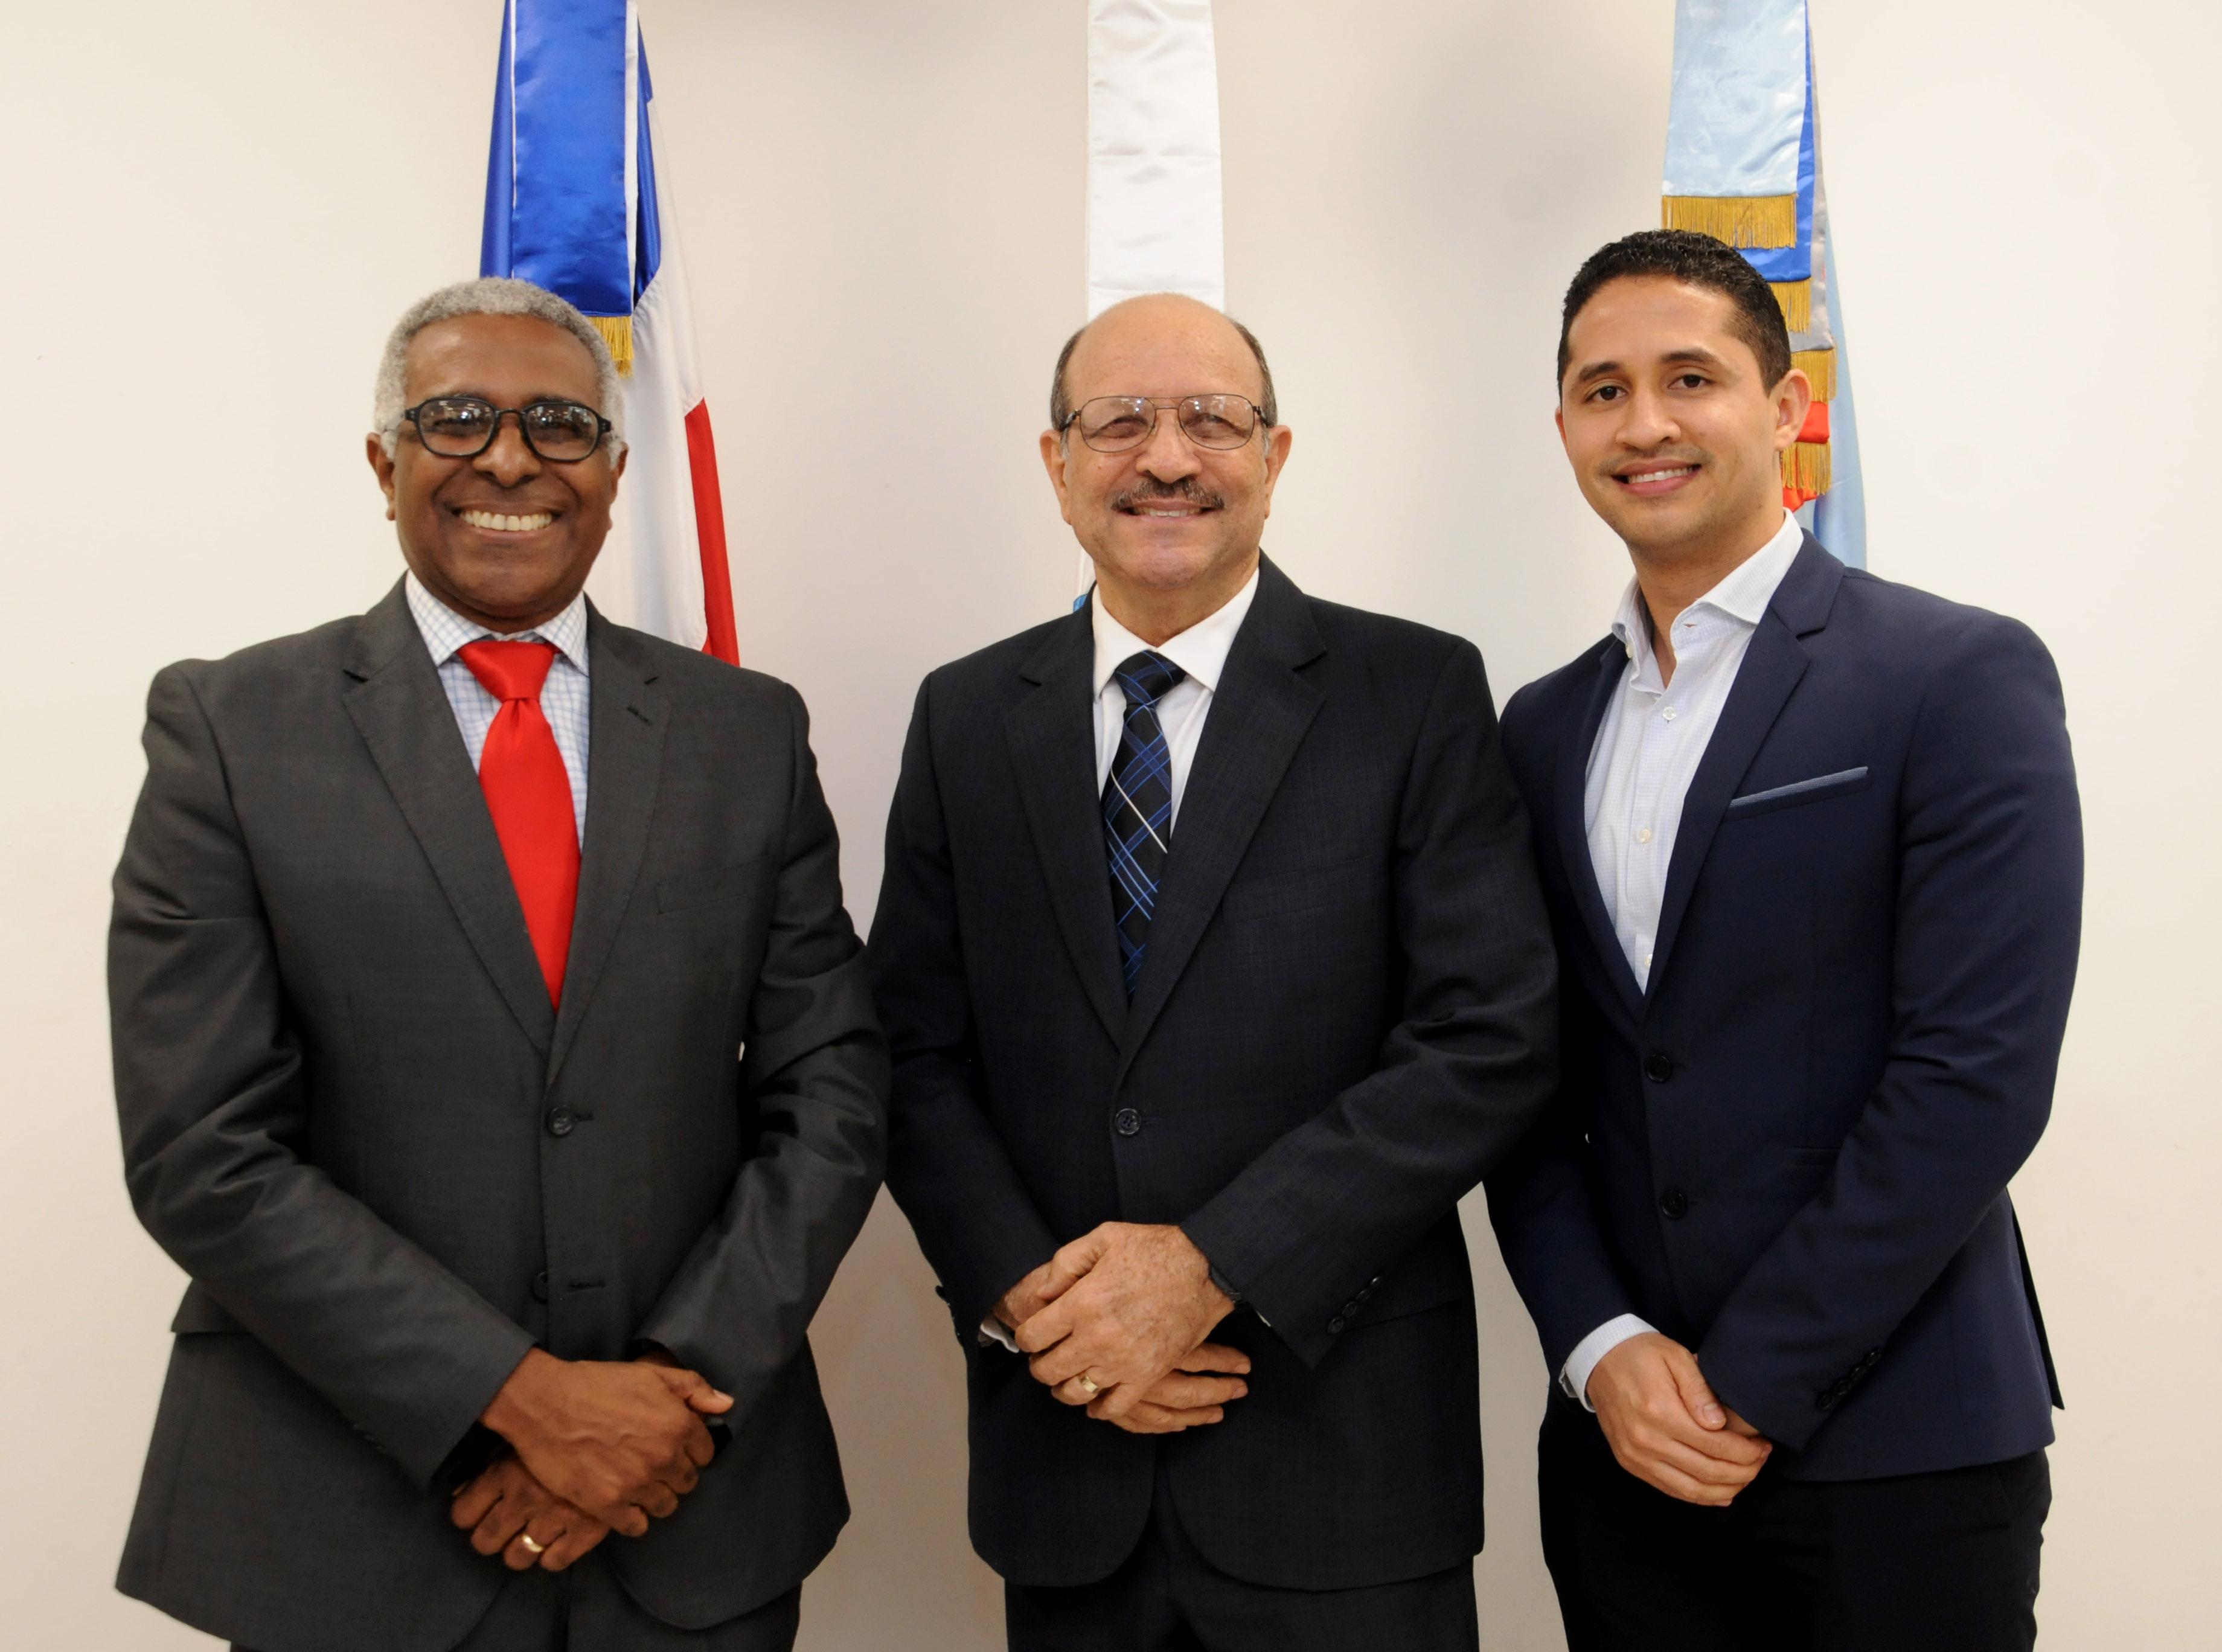 SANTO DOMINGO.- El Ministerio de Industria, Comercio y Mipymes (MICM) y el Instituto Nacional de Bienestar Estudiantil (INABIE)